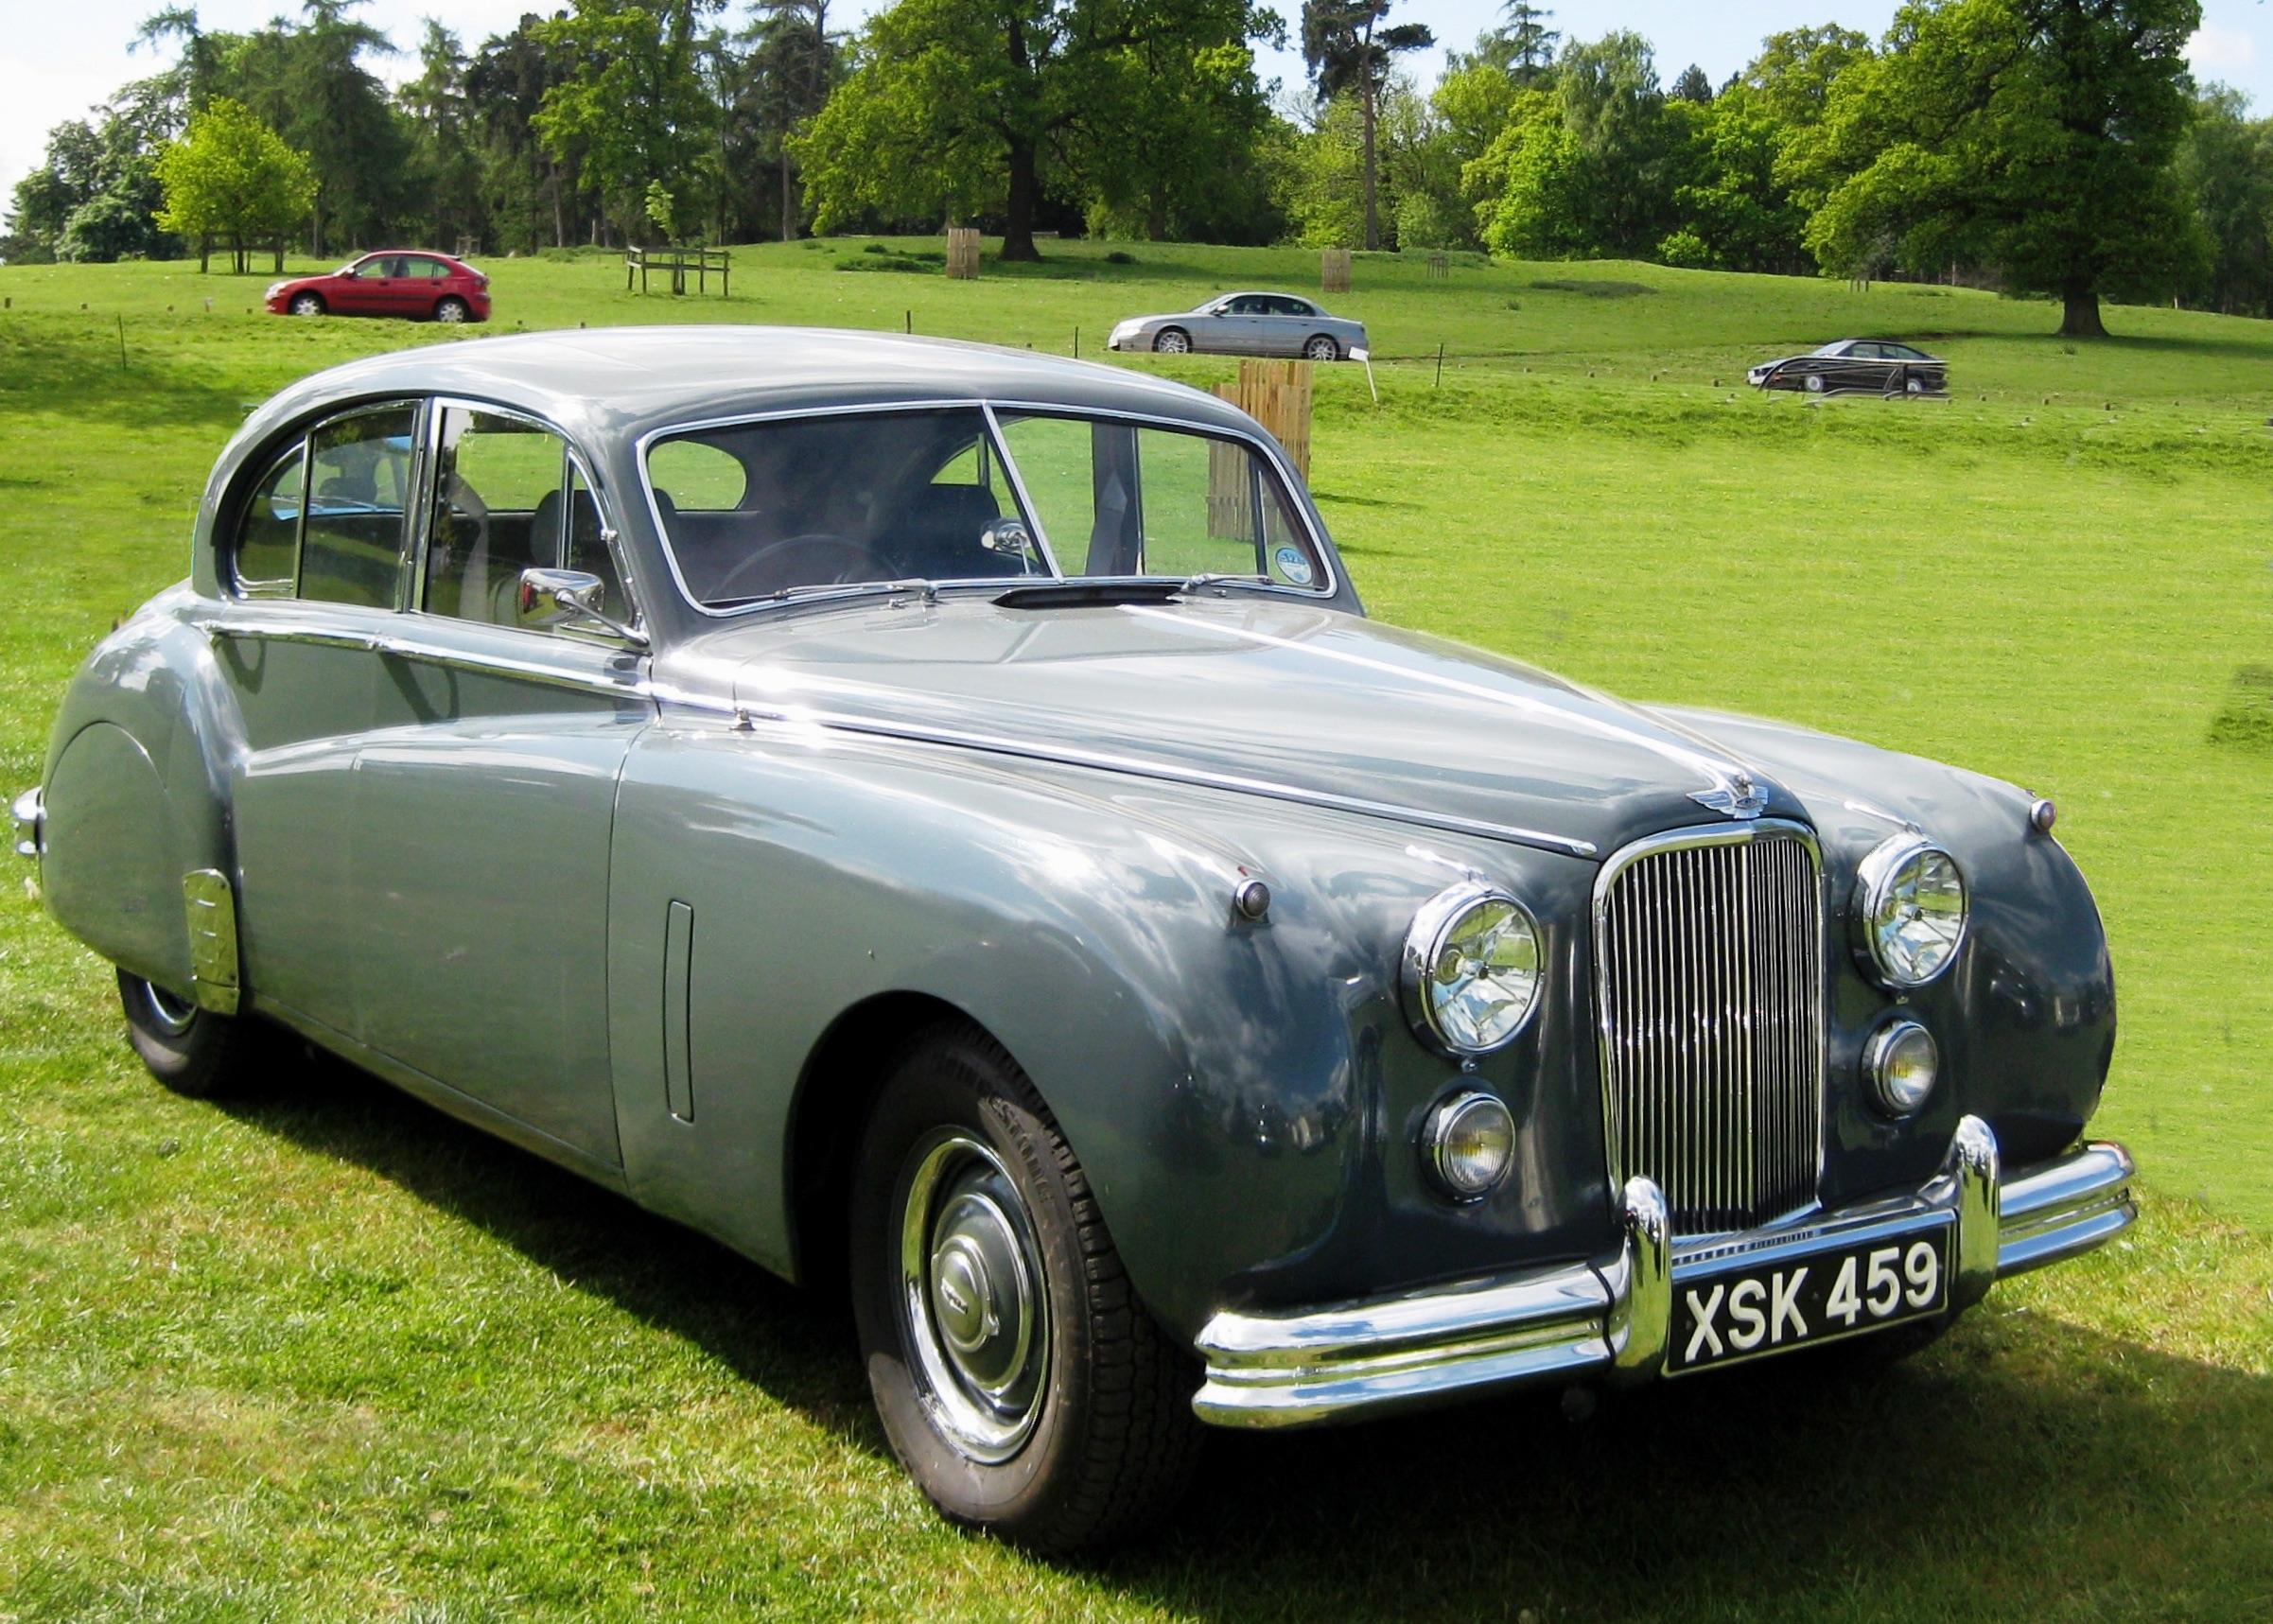 Jaguar Cars | Wiki | Everipedia